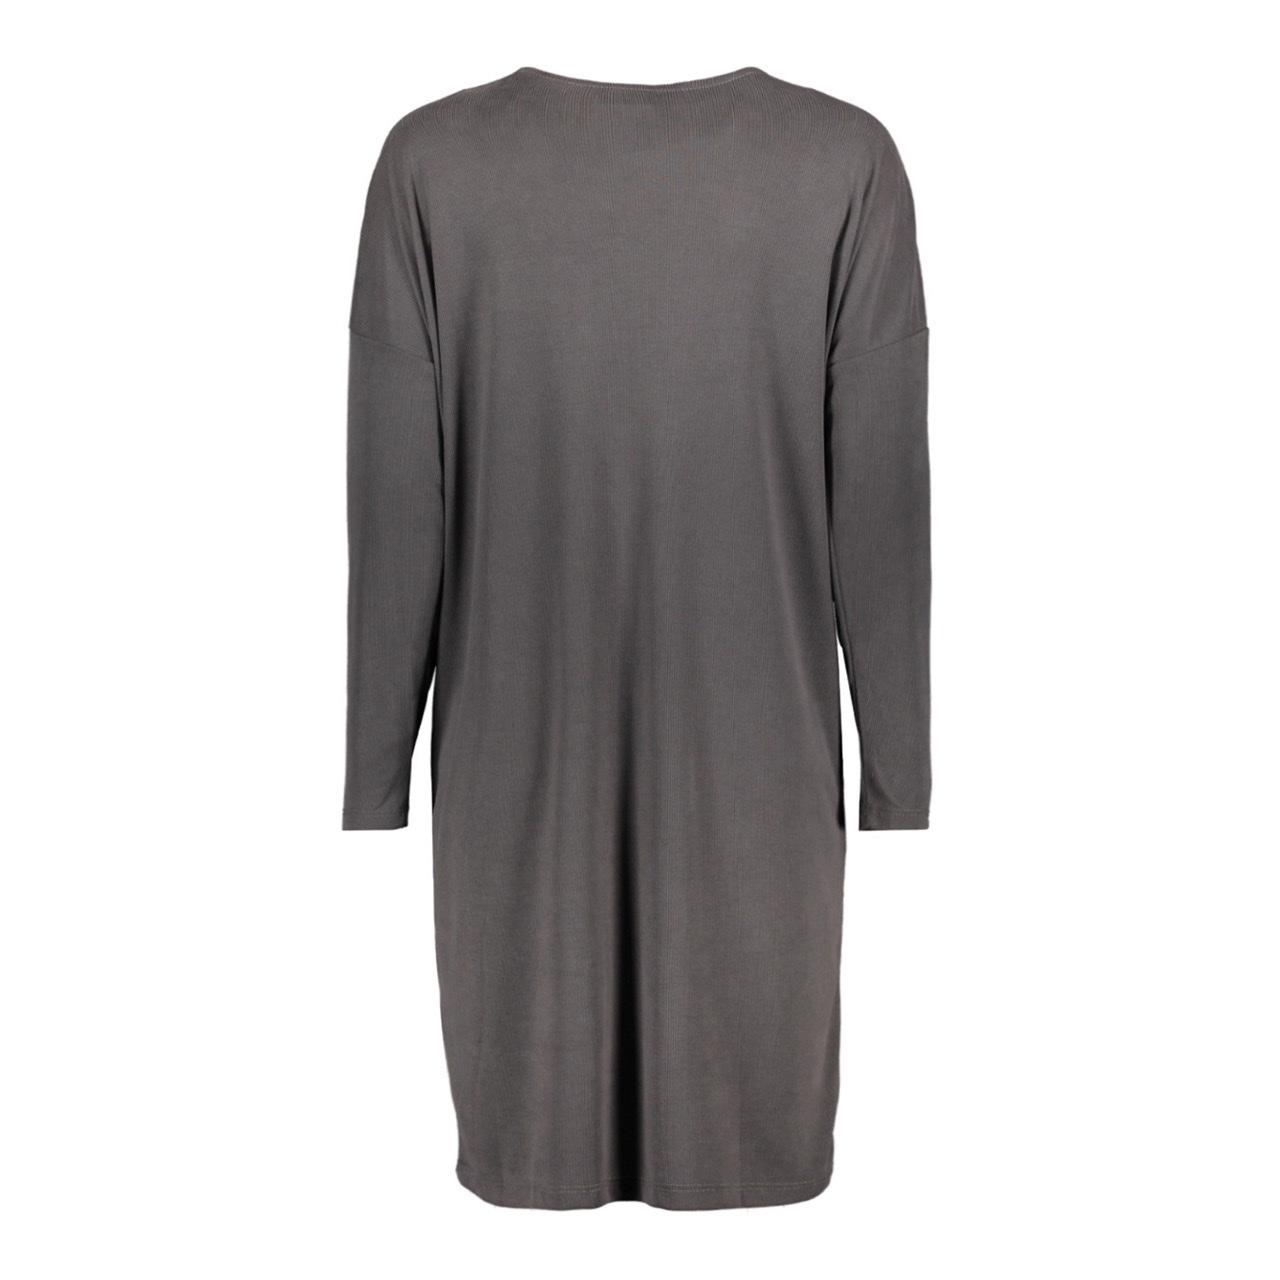 Giana Charcoal Jersey Dress by Saint Tropez